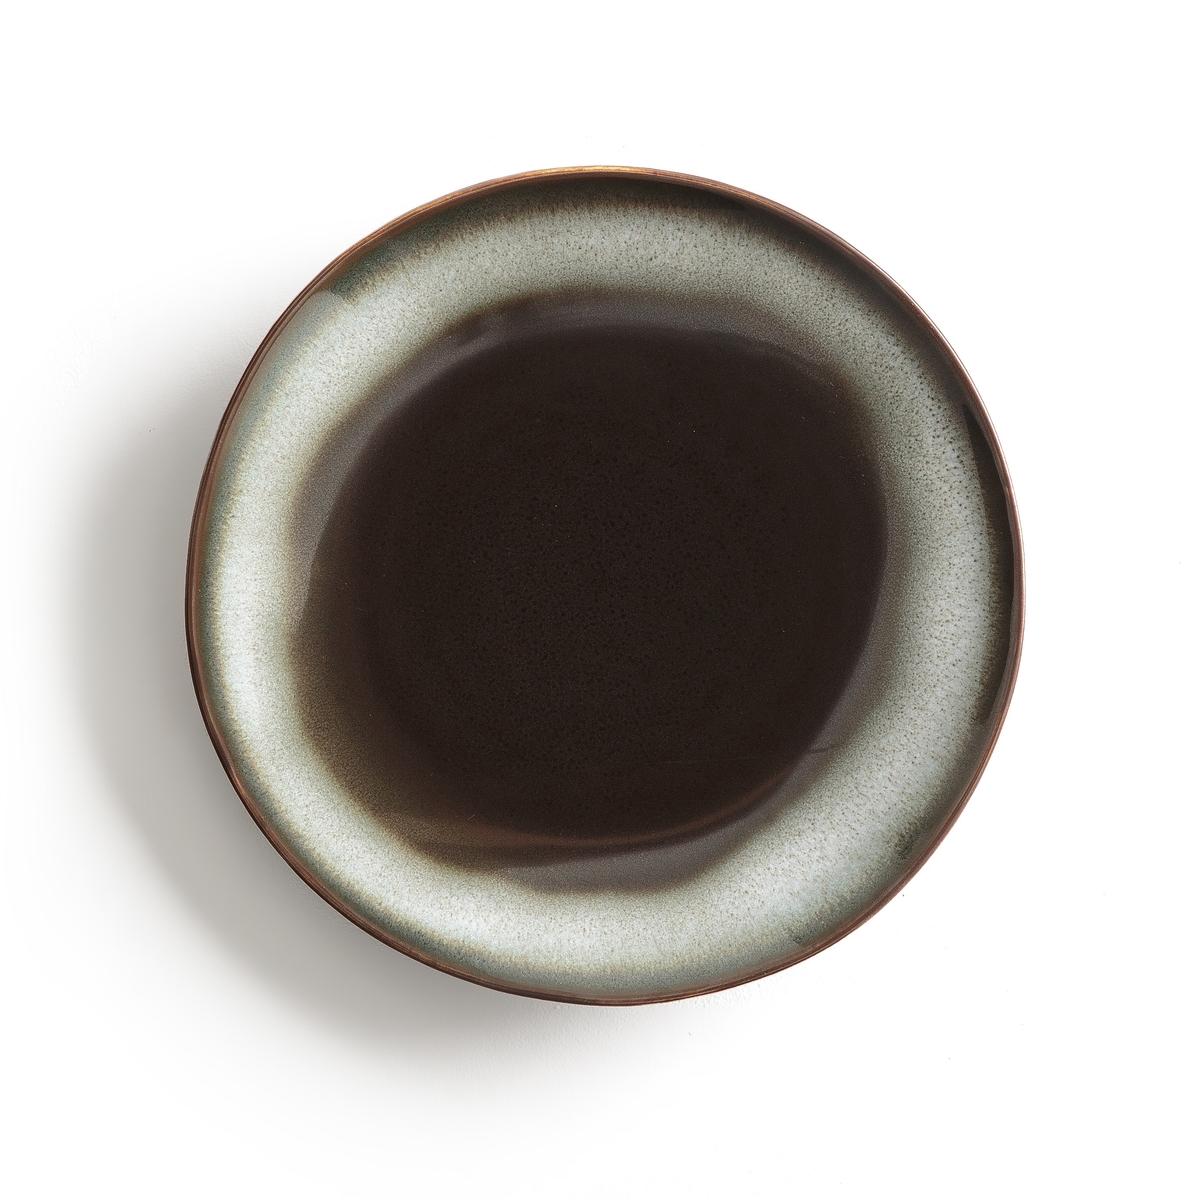 Комплект из 4 десертных тарелок из керамики Tadefi комплект из 4 мелких тарелок из керамики olazhi